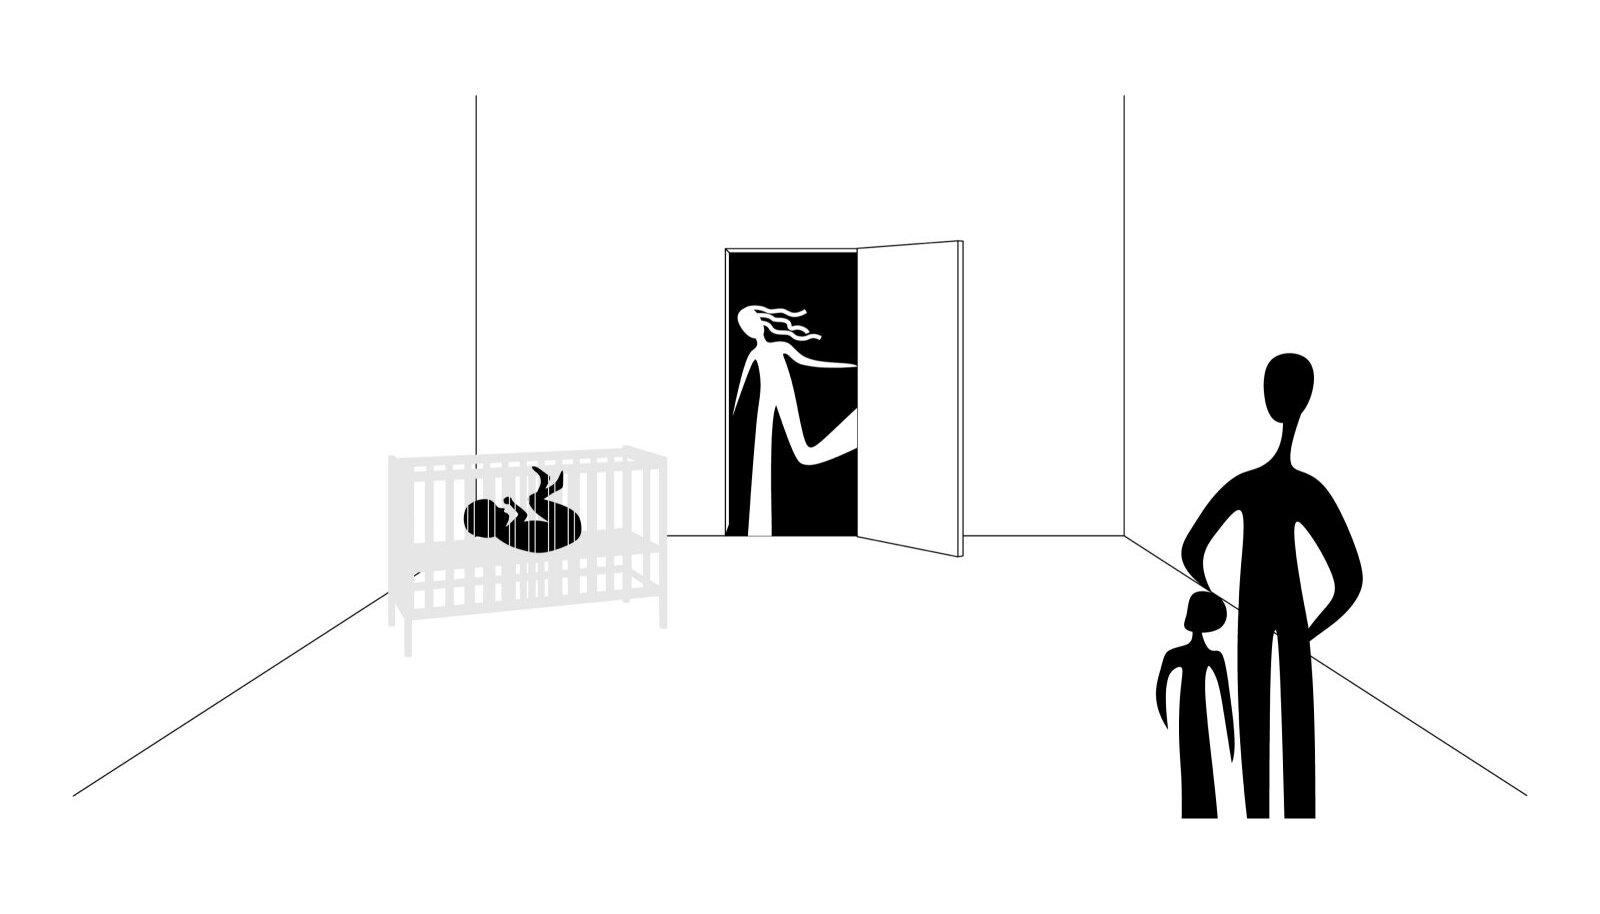 TÜLI TAGAJÄRG: vanemate konflikti tulemusena otsustas pereema Triinu-Liis kodust nädalavahetuseks lahkuda. Elukaaslane Kermo jäi üksi koju kahte pisipoega hoidma.